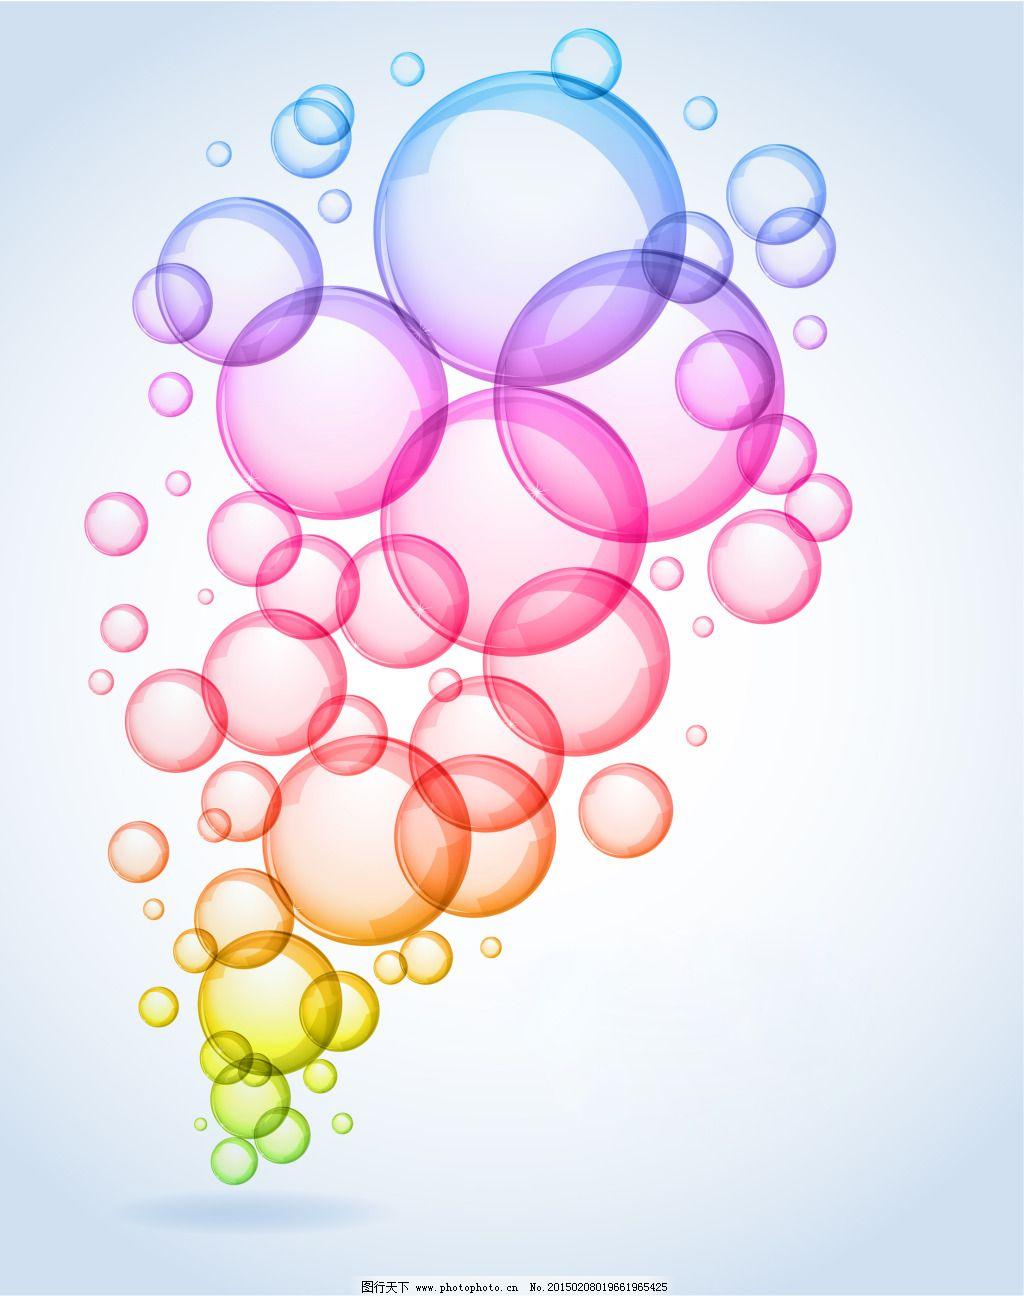 个性手绘墙绘成熟气泡